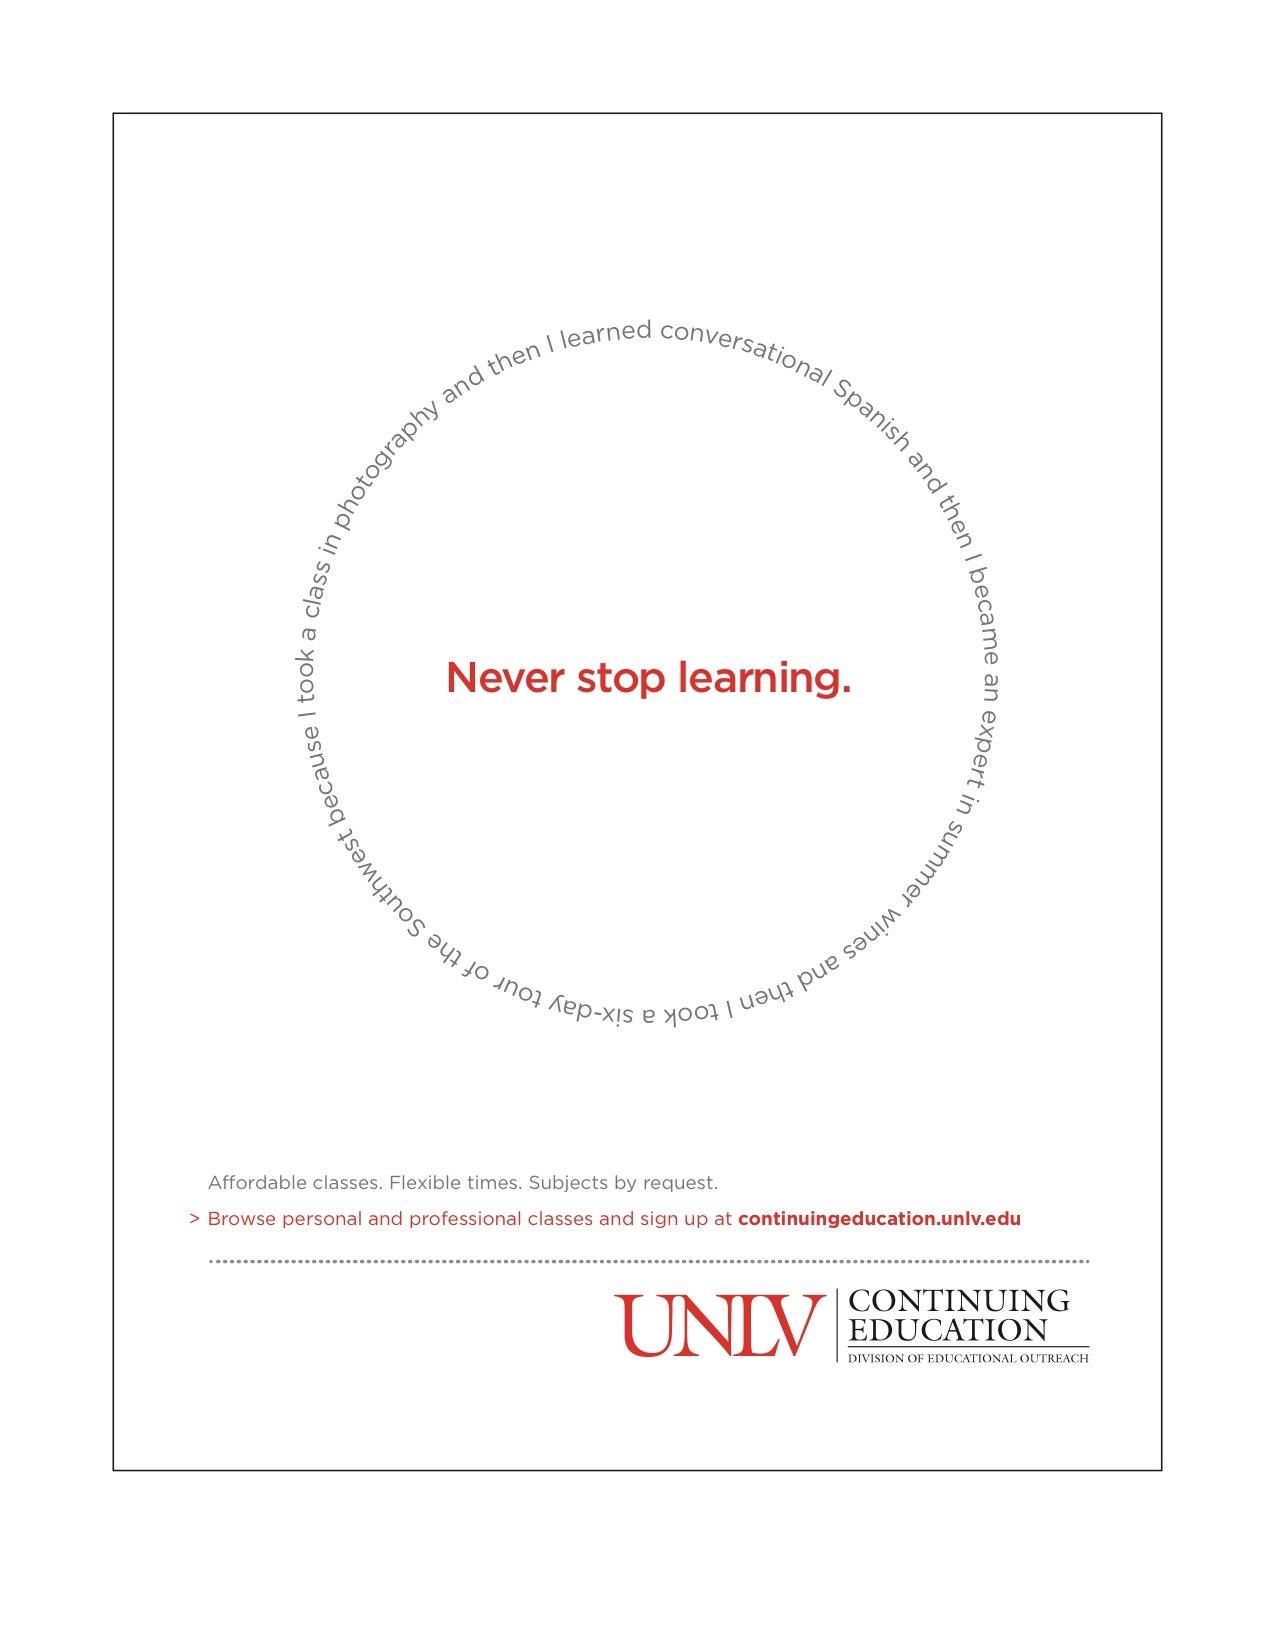 UNLV Continuing Ed Ad